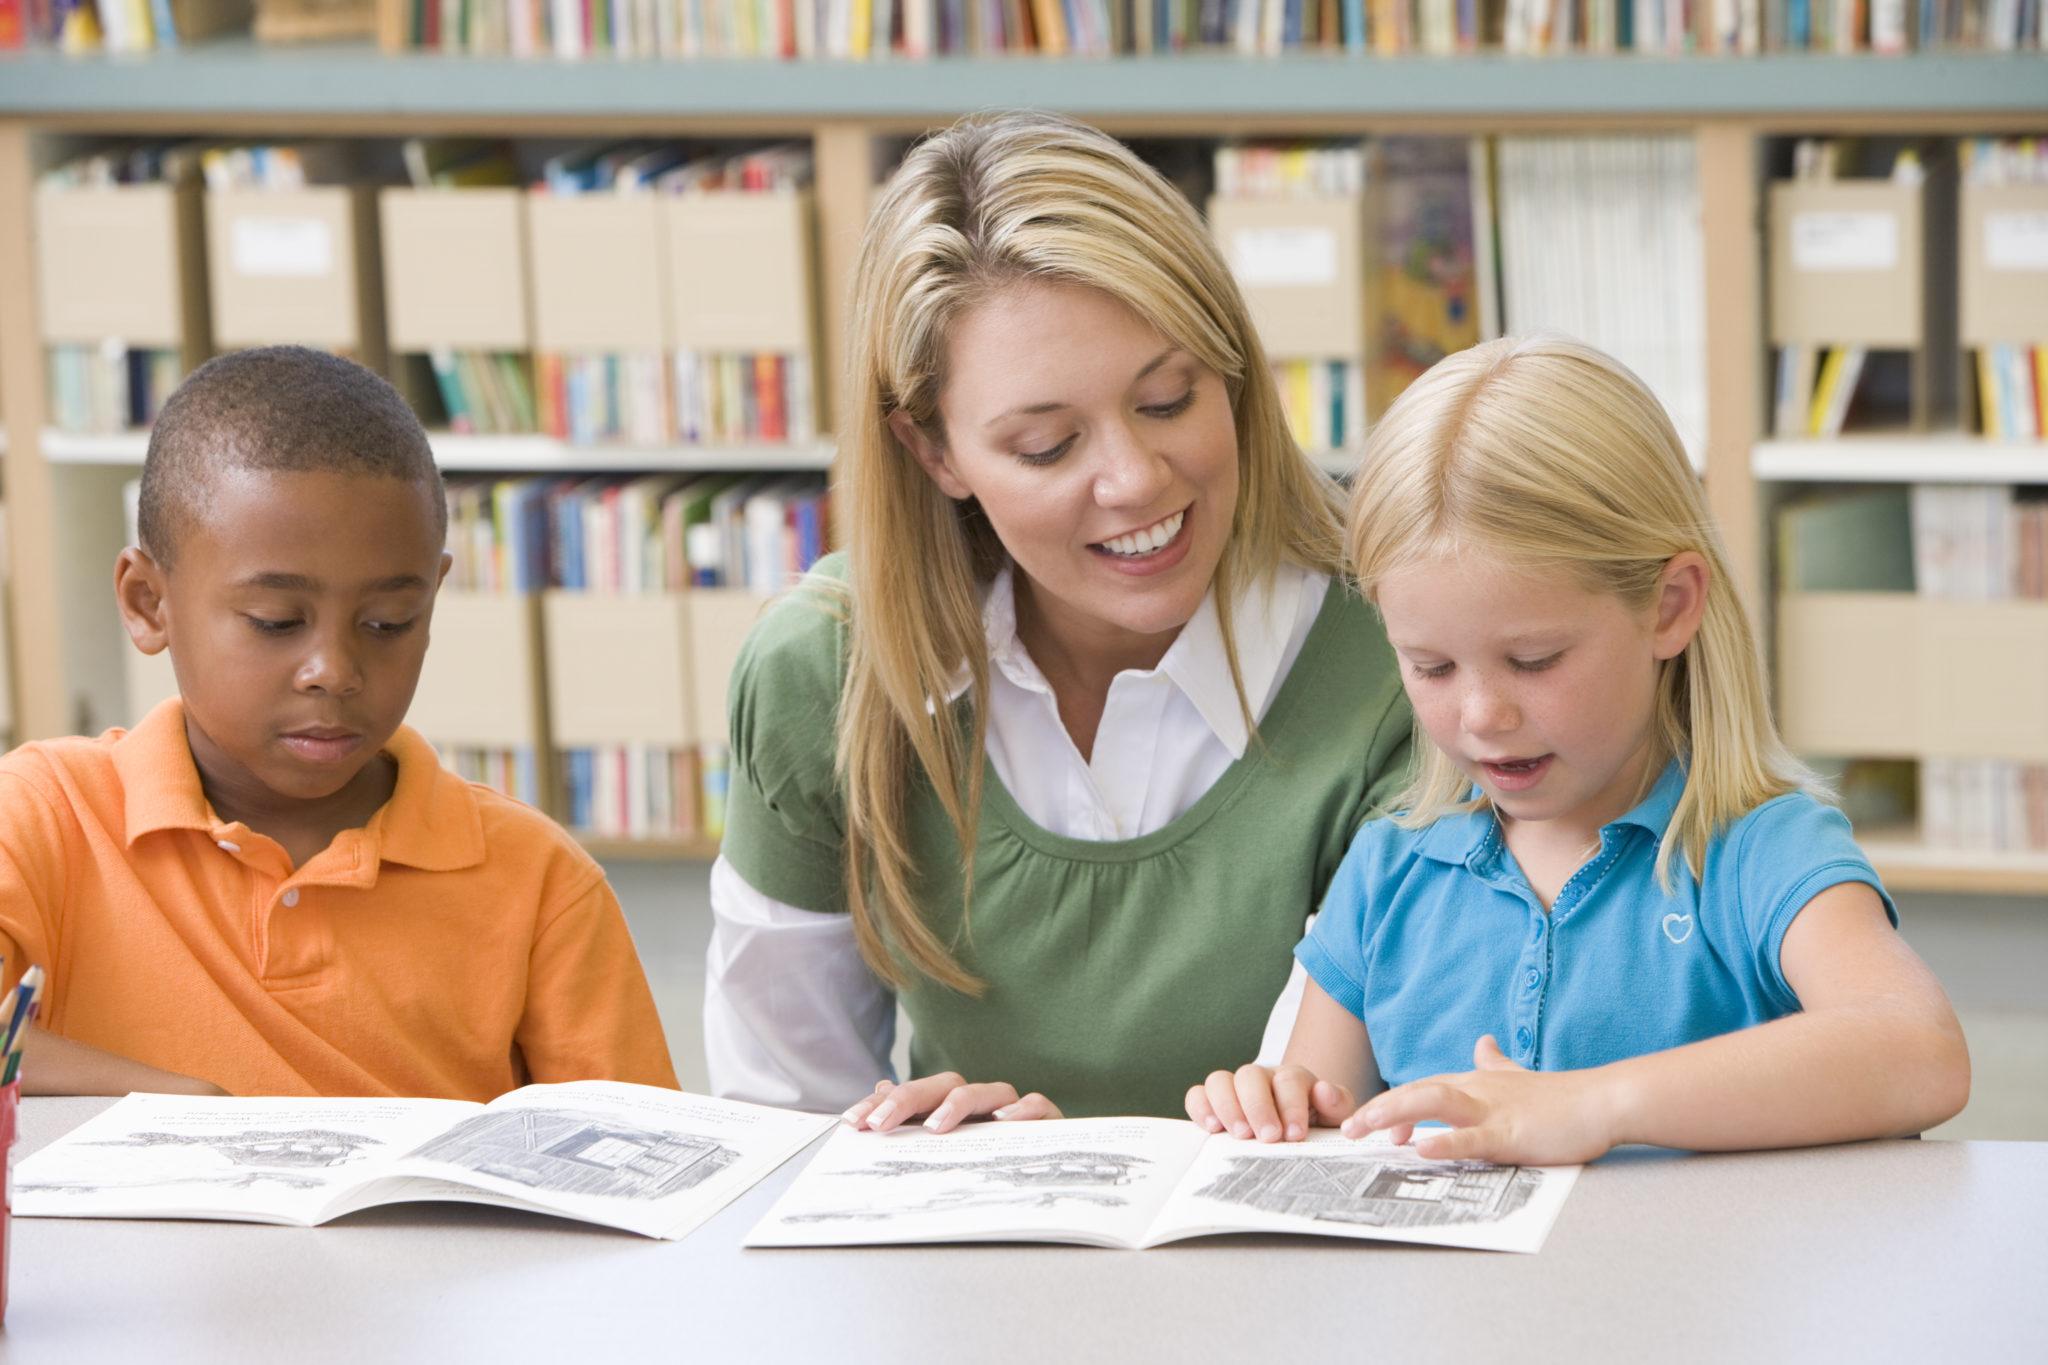 Si buscas trabajo de profesor de Educación Especial entra a nuestro blog de hoy. También traemos un nuevo Empleo de Profesor de Inglés - CVExpres